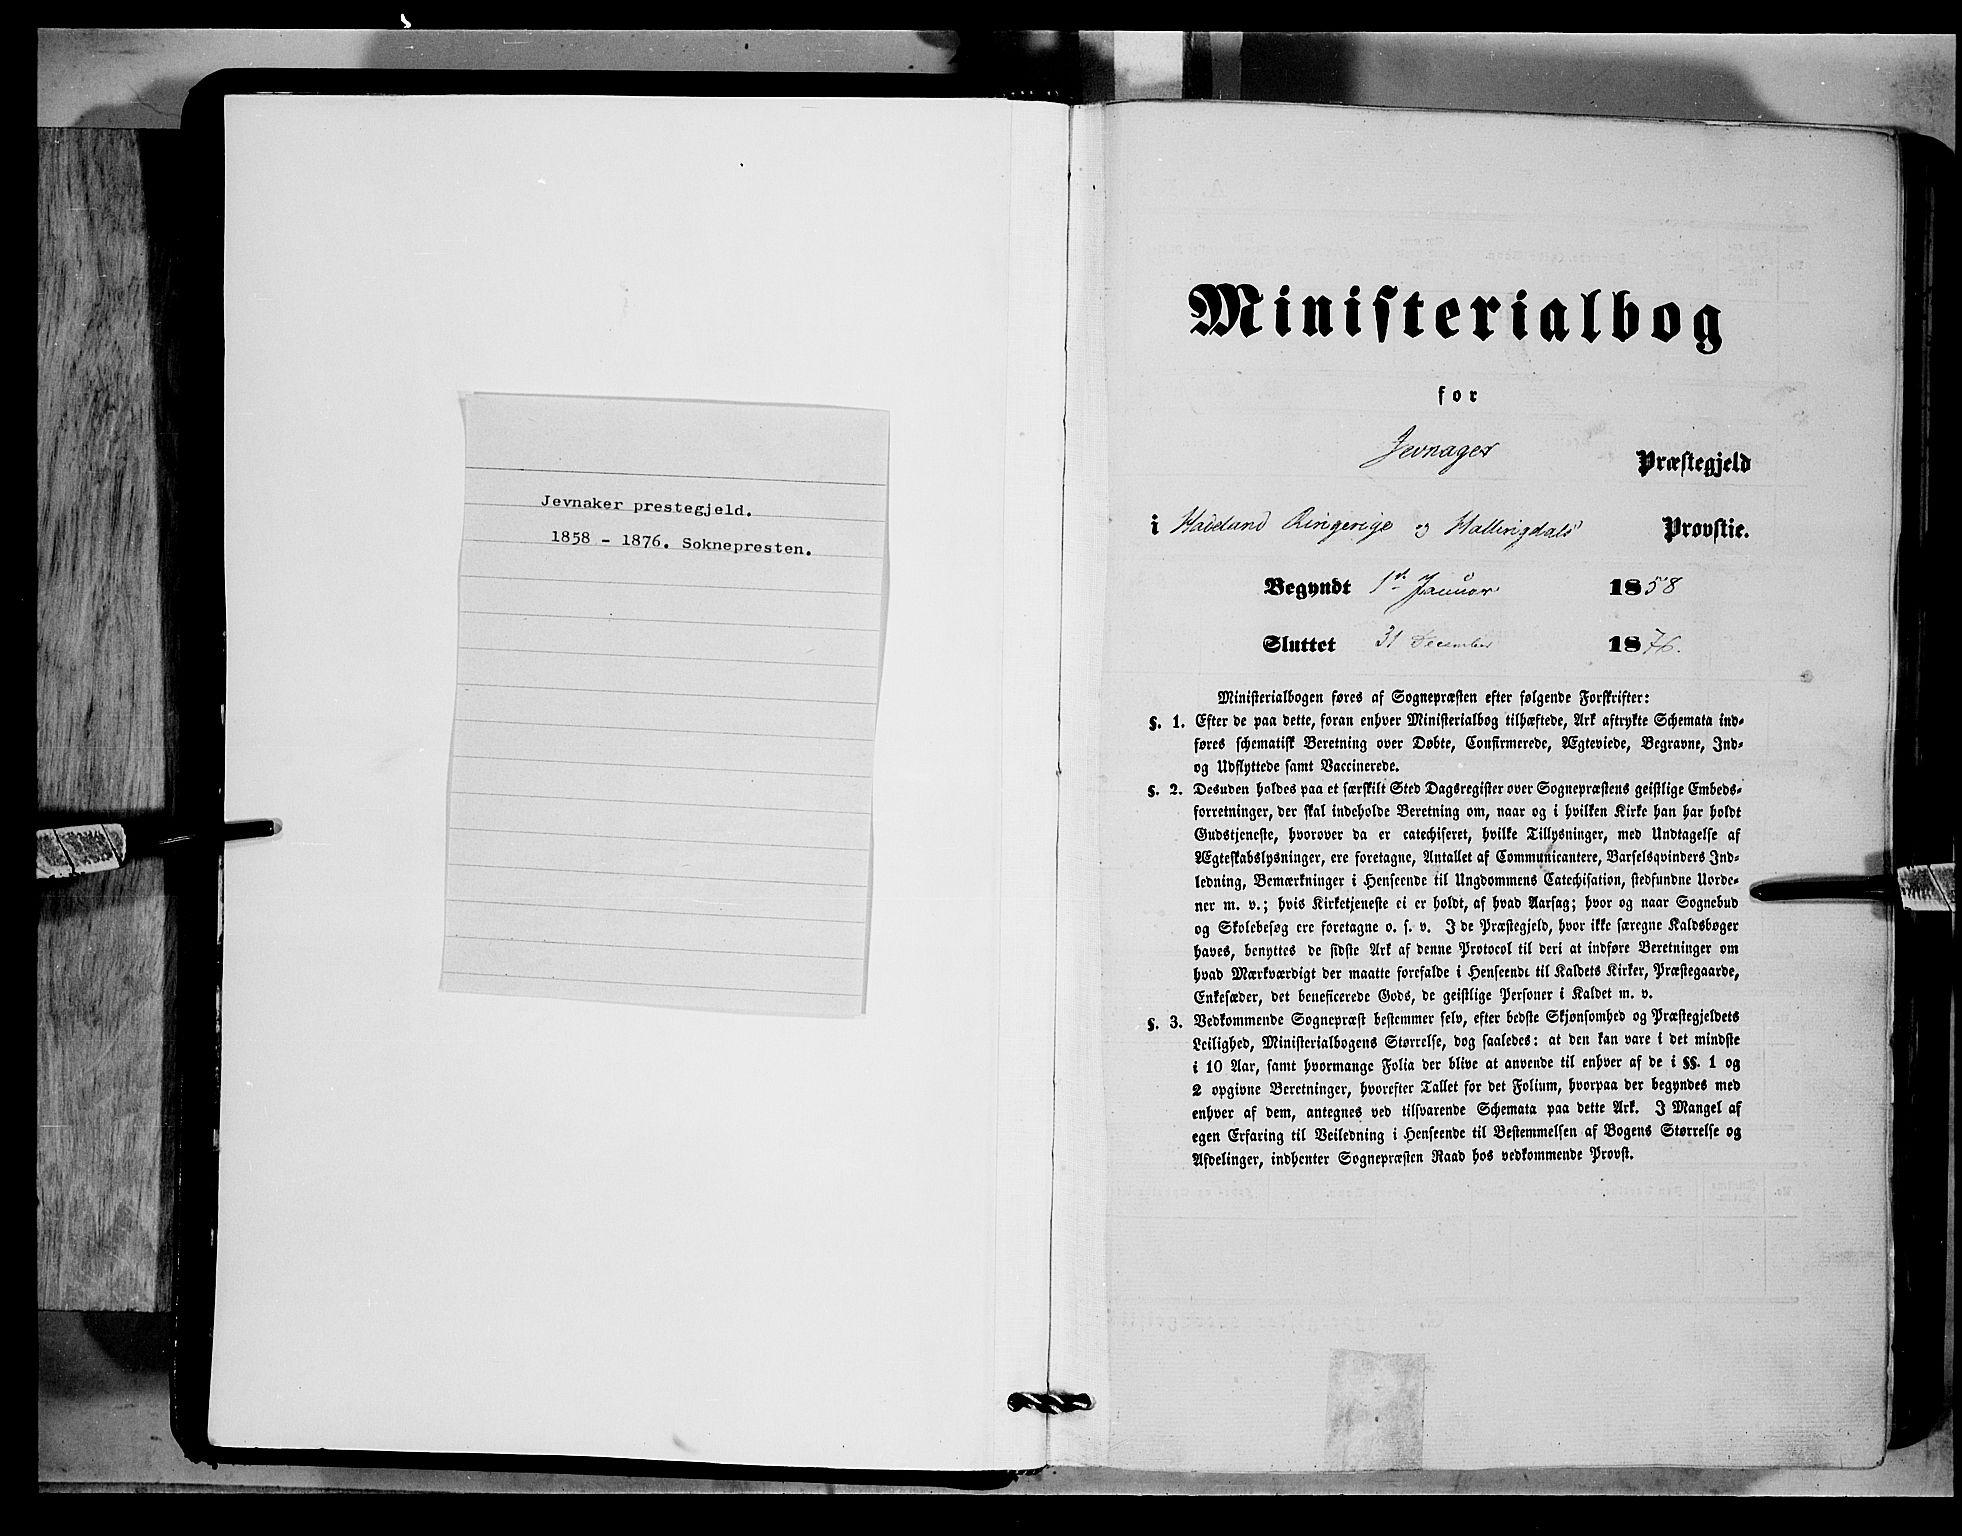 SAH, Jevnaker prestekontor, Ministerialbok nr. 7, 1858-1876